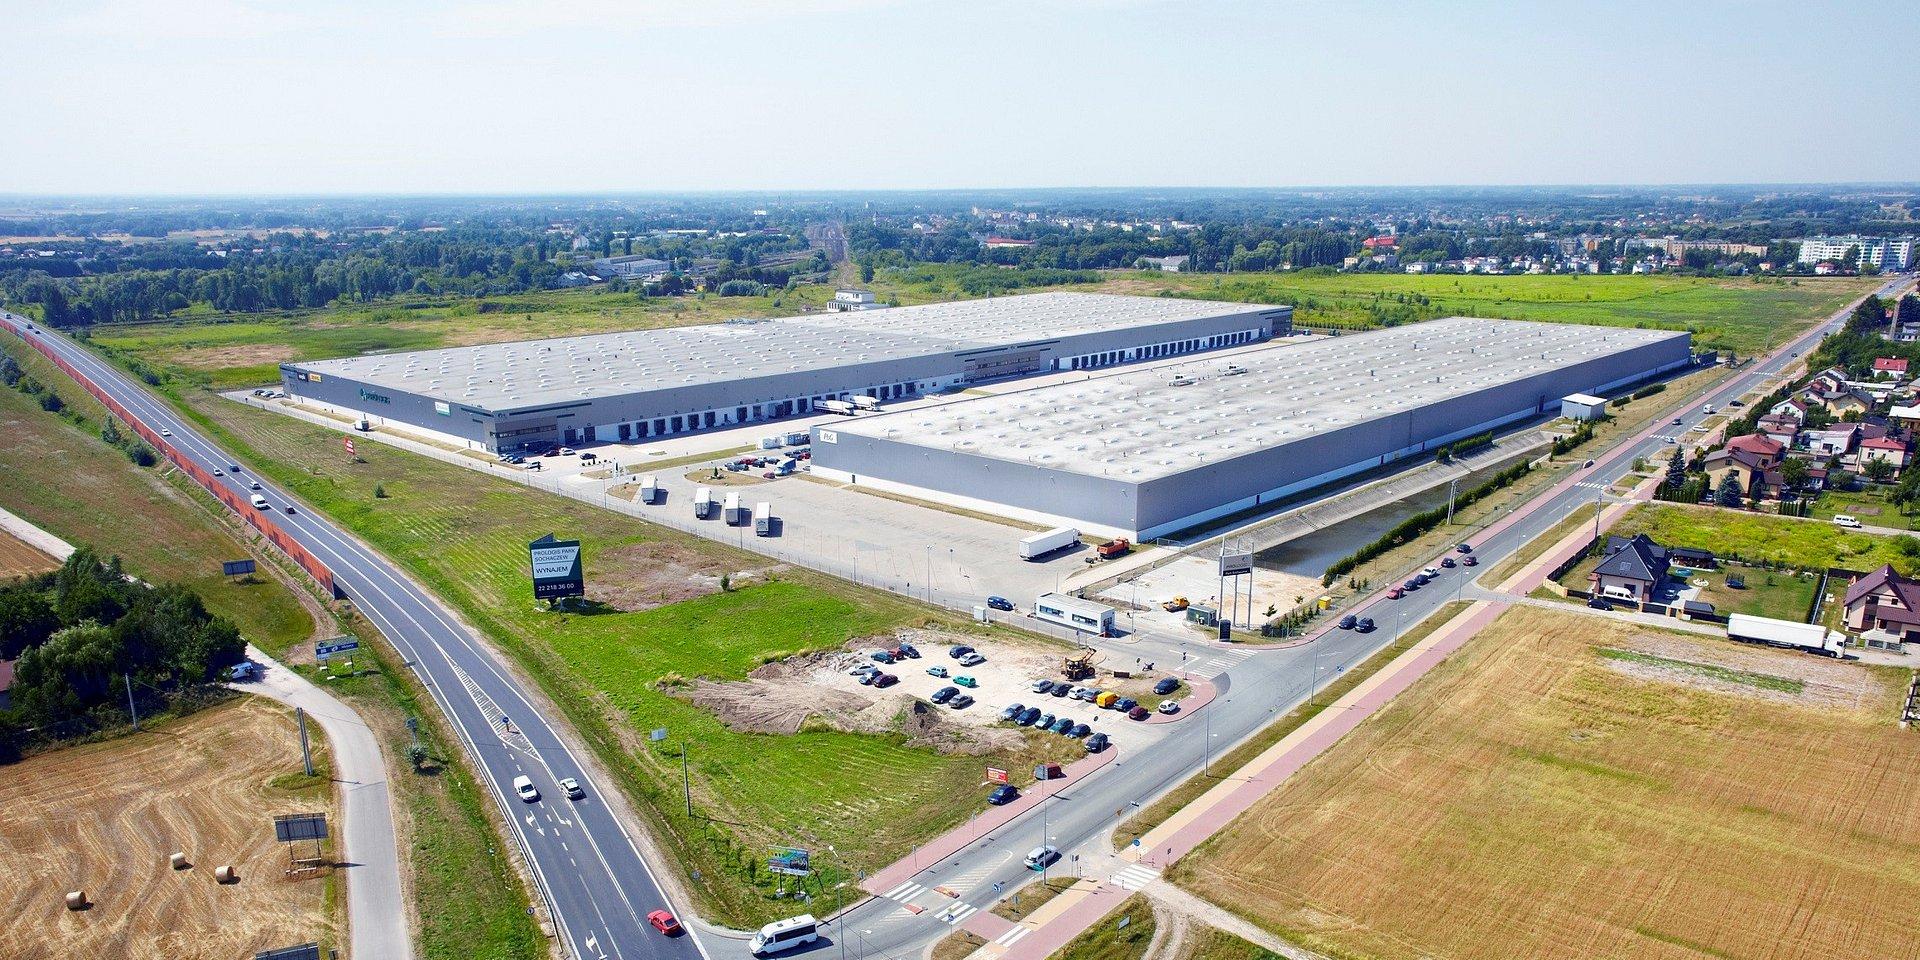 BNP Paribas Real Estate rozpocznie zarządzanie 16 obiektami logistycznymi na terenie Europy